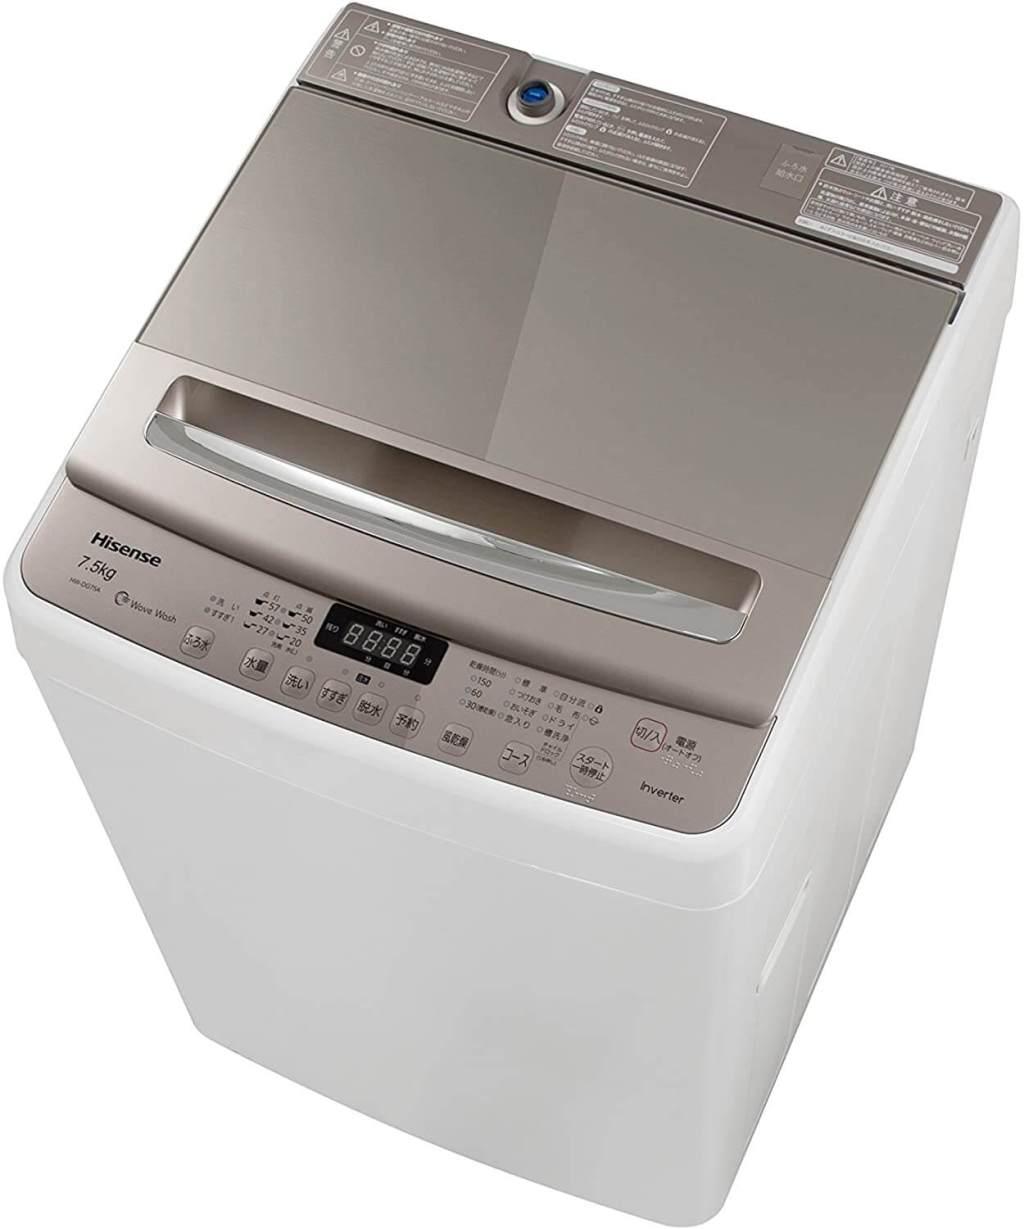 ハイセンス 全自動洗濯機 7.5kg HW-DG75A